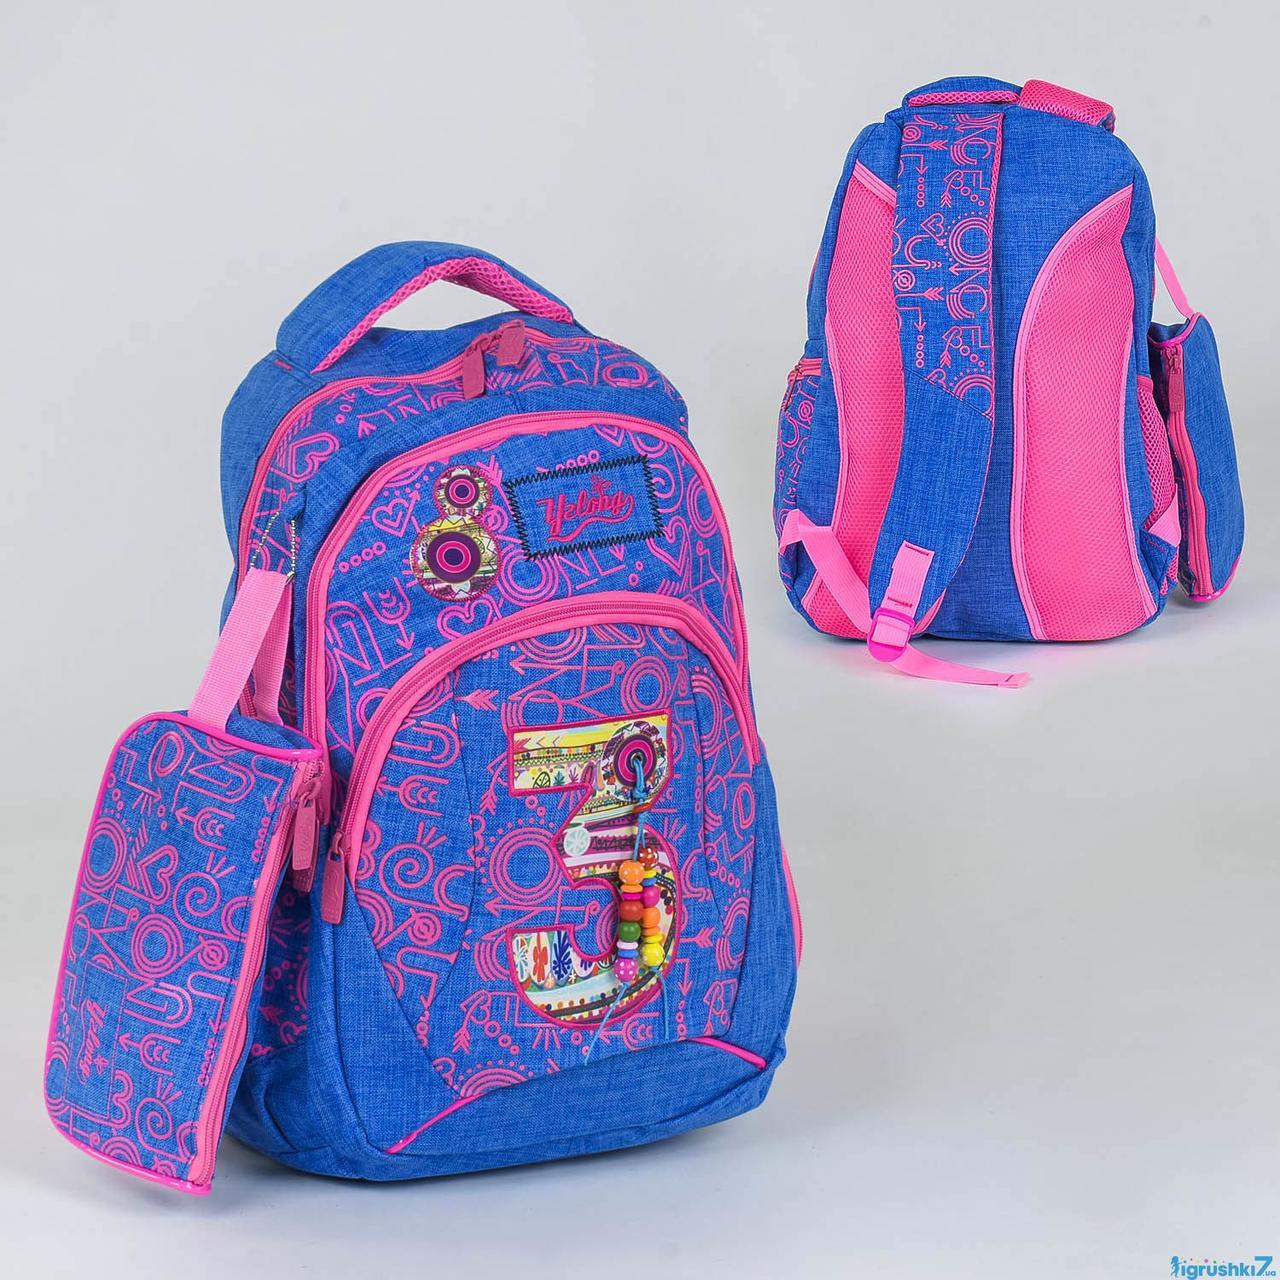 Рюкзак школьный C 36320, 3 отделения, 2 кармана, пенал, мягкая спинка